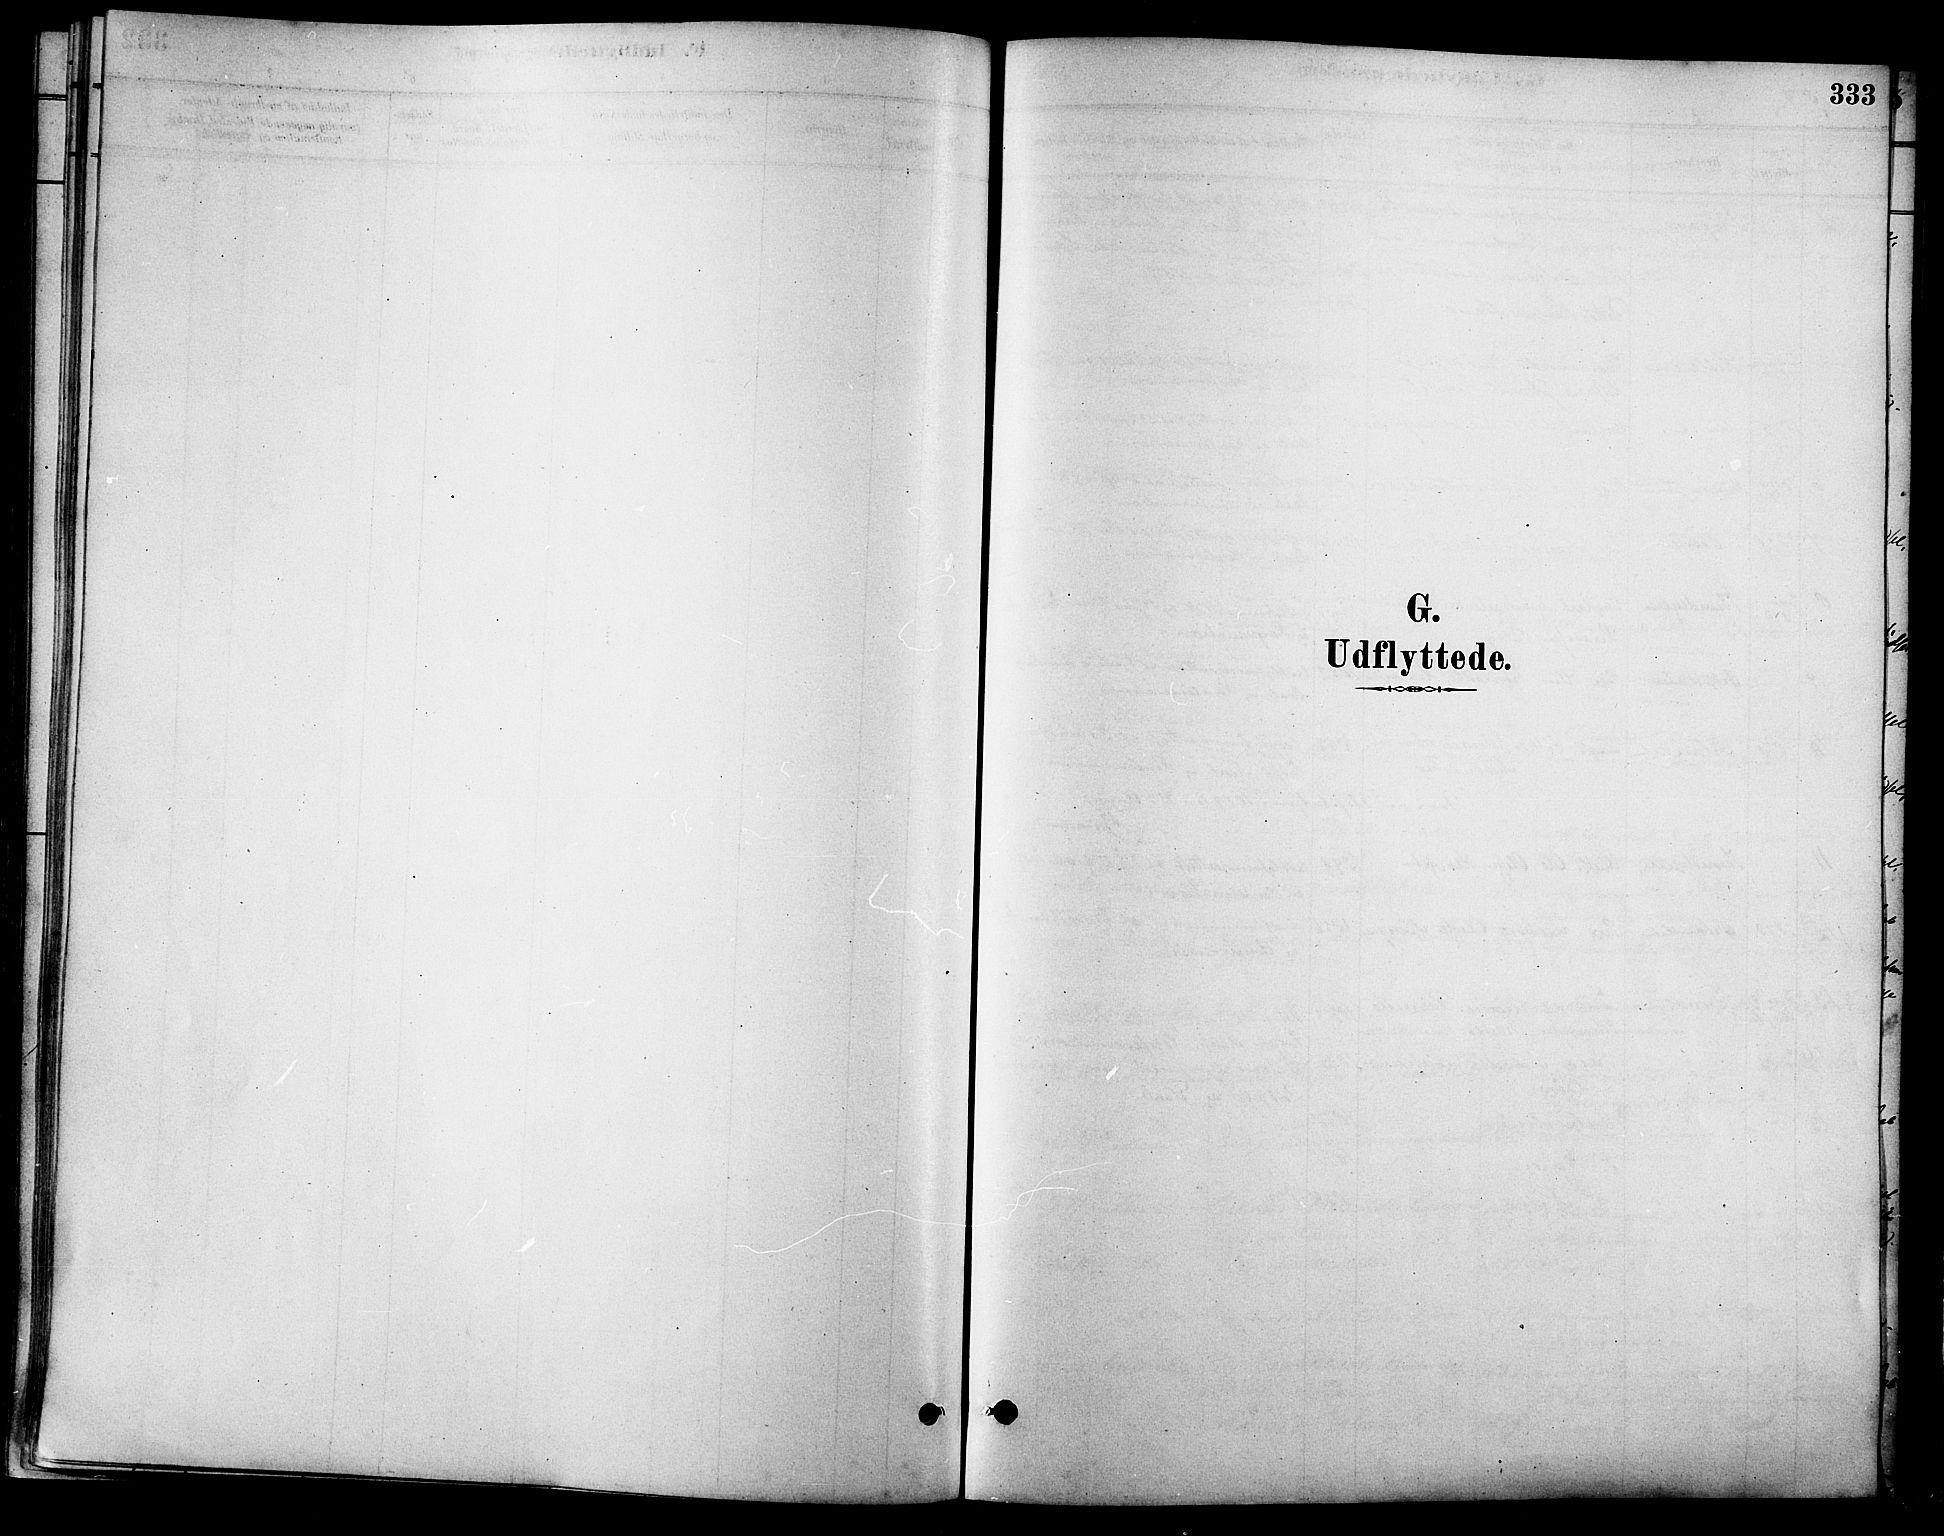 SAT, Ministerialprotokoller, klokkerbøker og fødselsregistre - Sør-Trøndelag, 630/L0496: Ministerialbok nr. 630A09, 1879-1895, s. 333